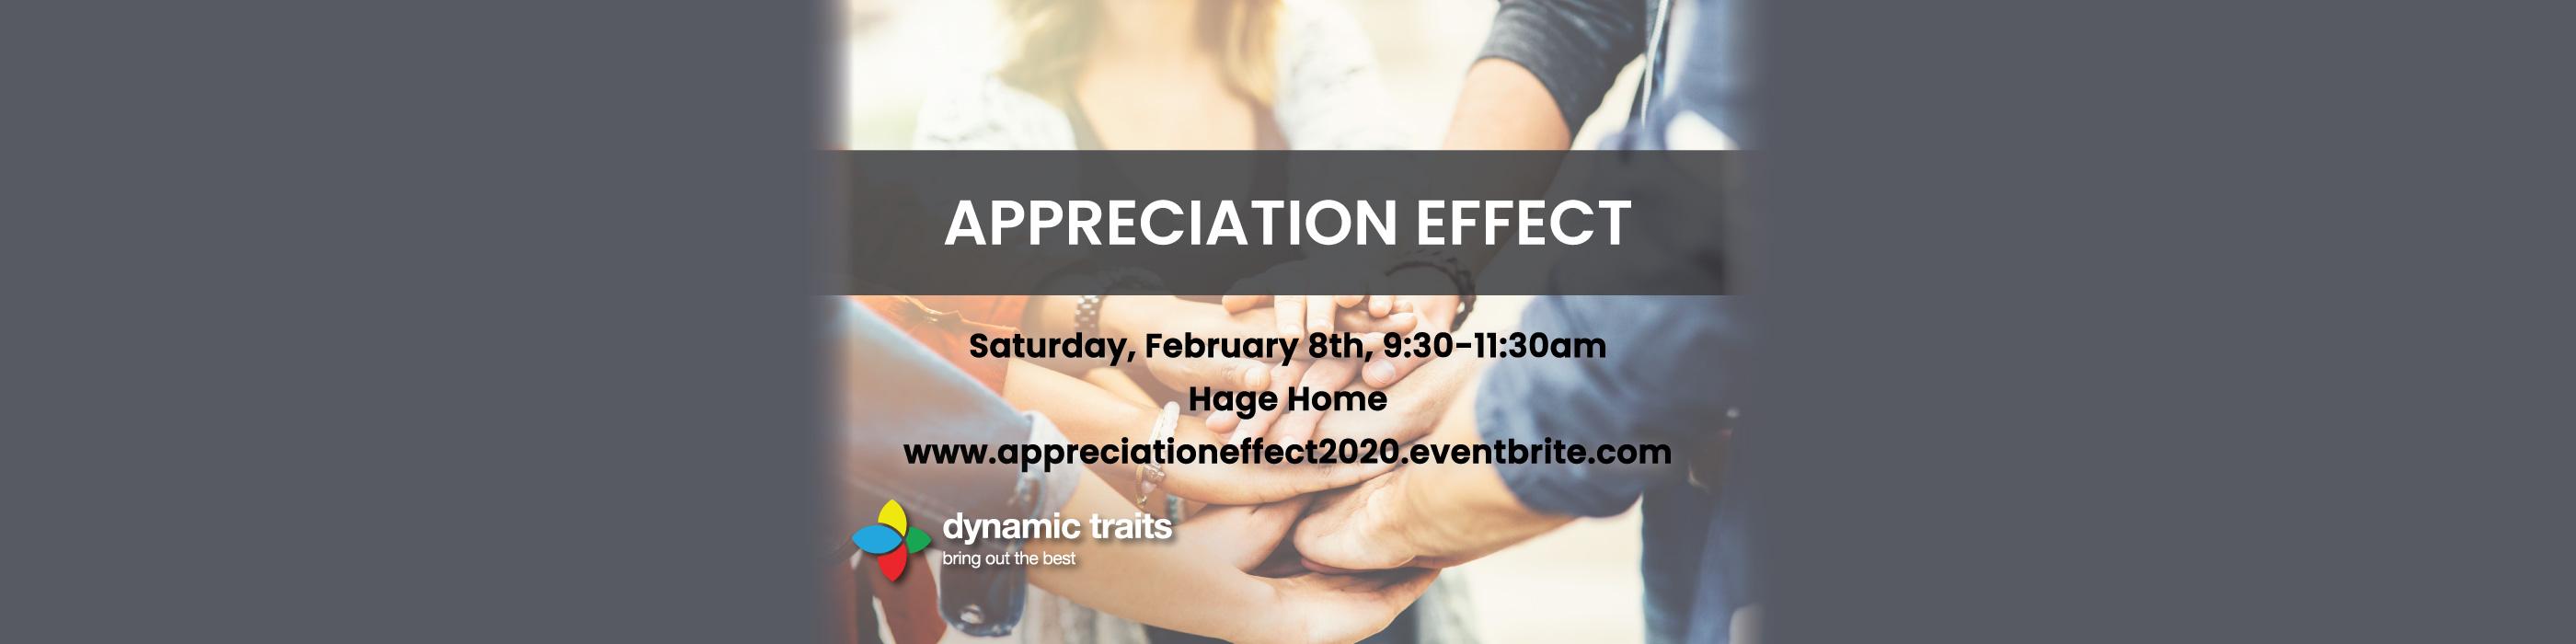 Dynamic-Traits-Appreciation-Effect-020820-WEB-2800x700